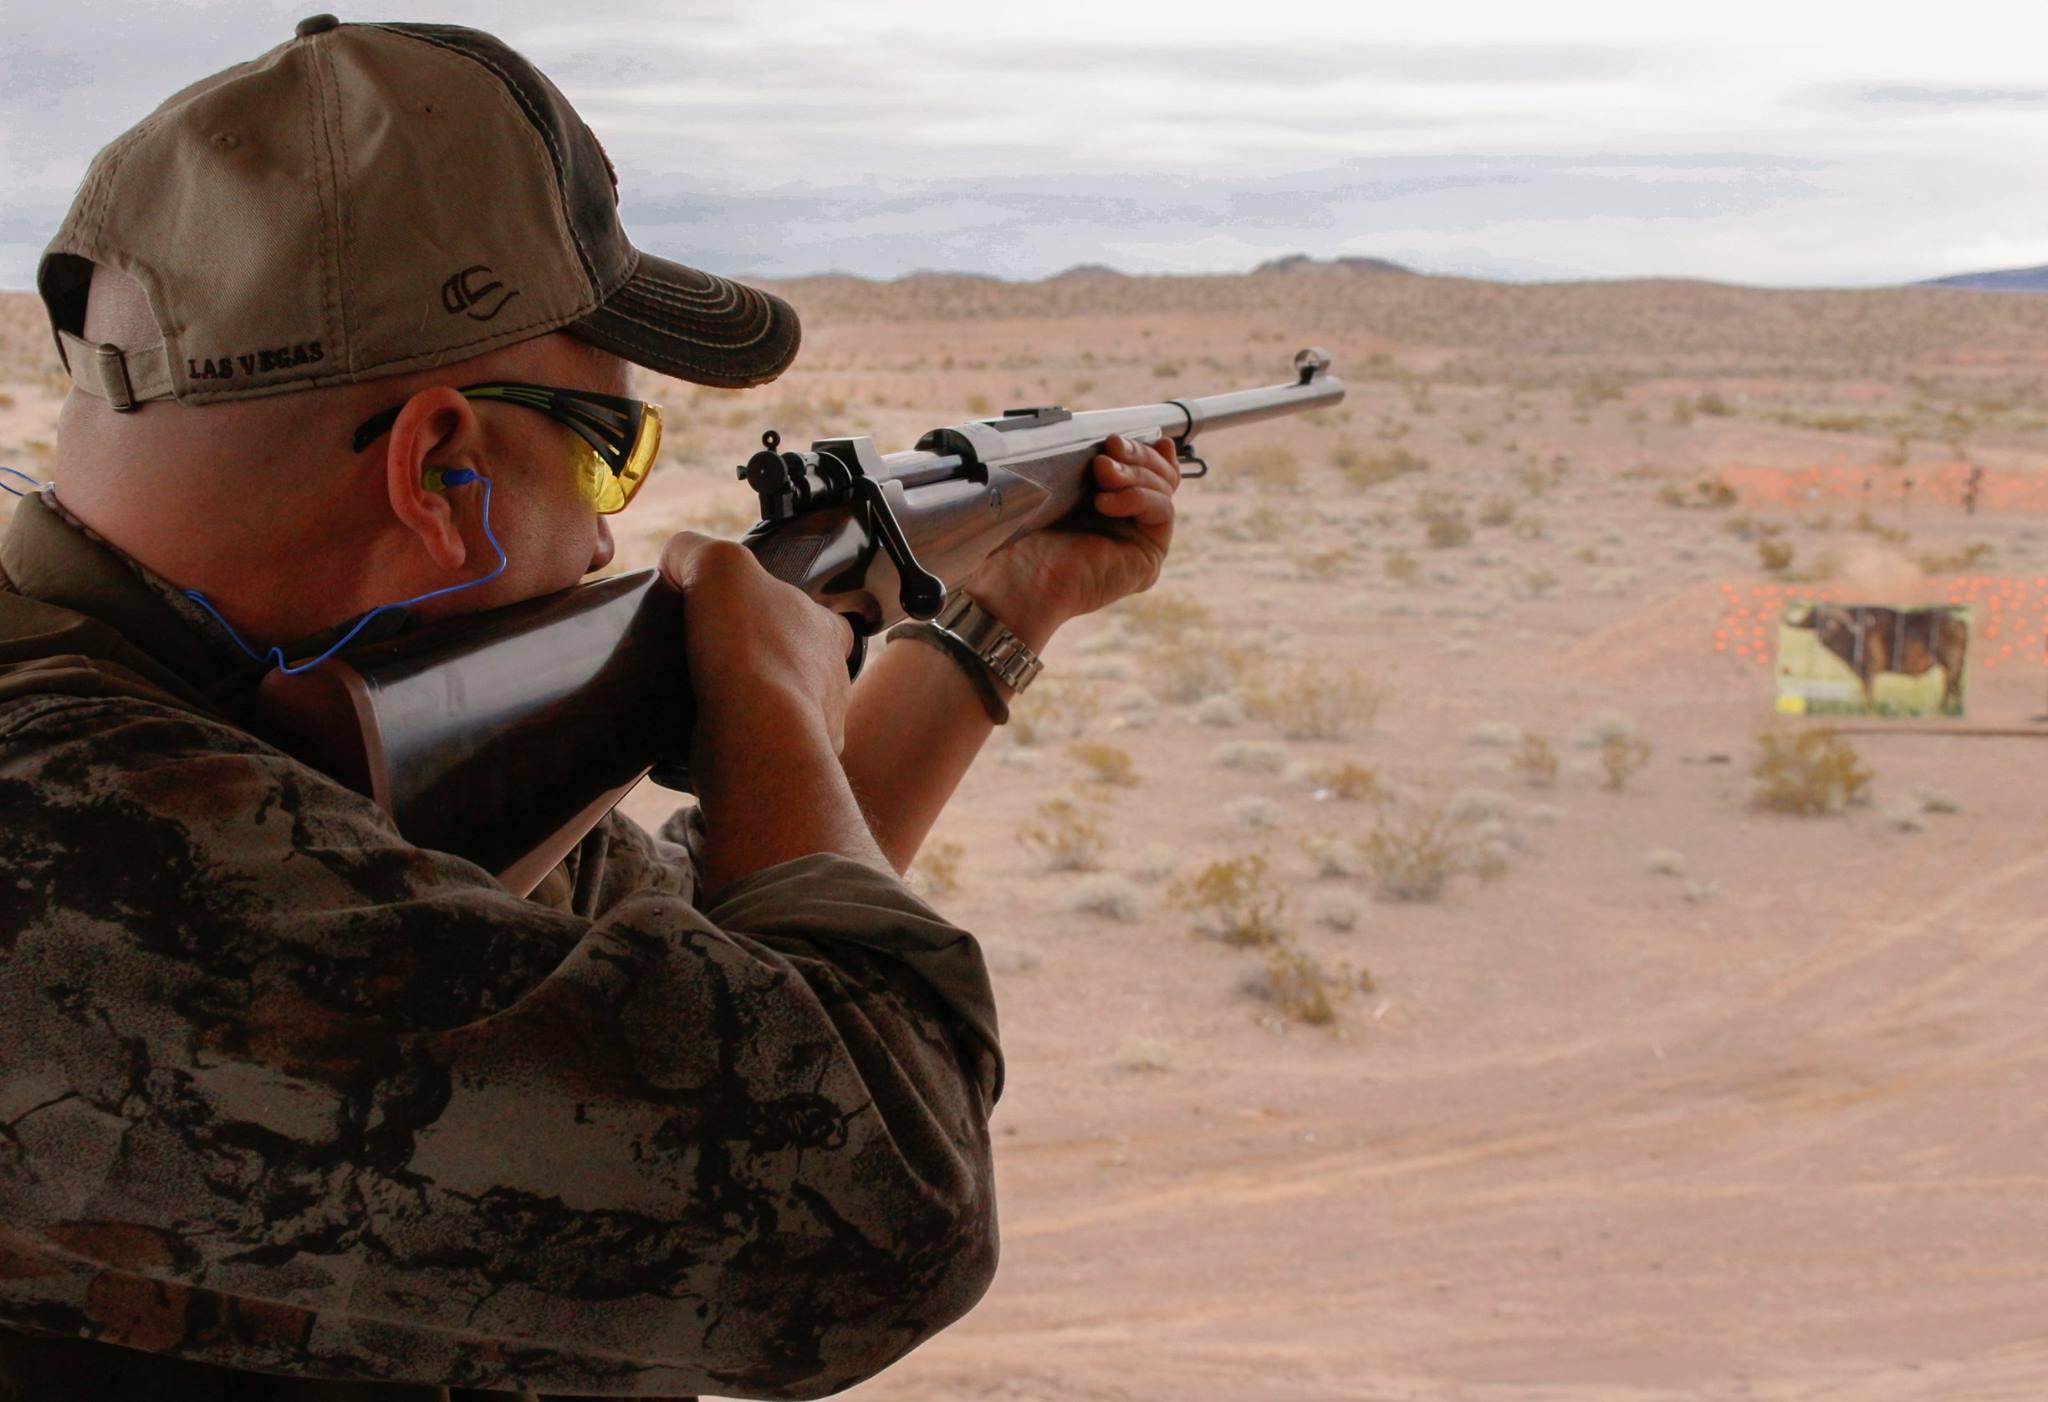 Shooting_the_Rigby_.416.jpg